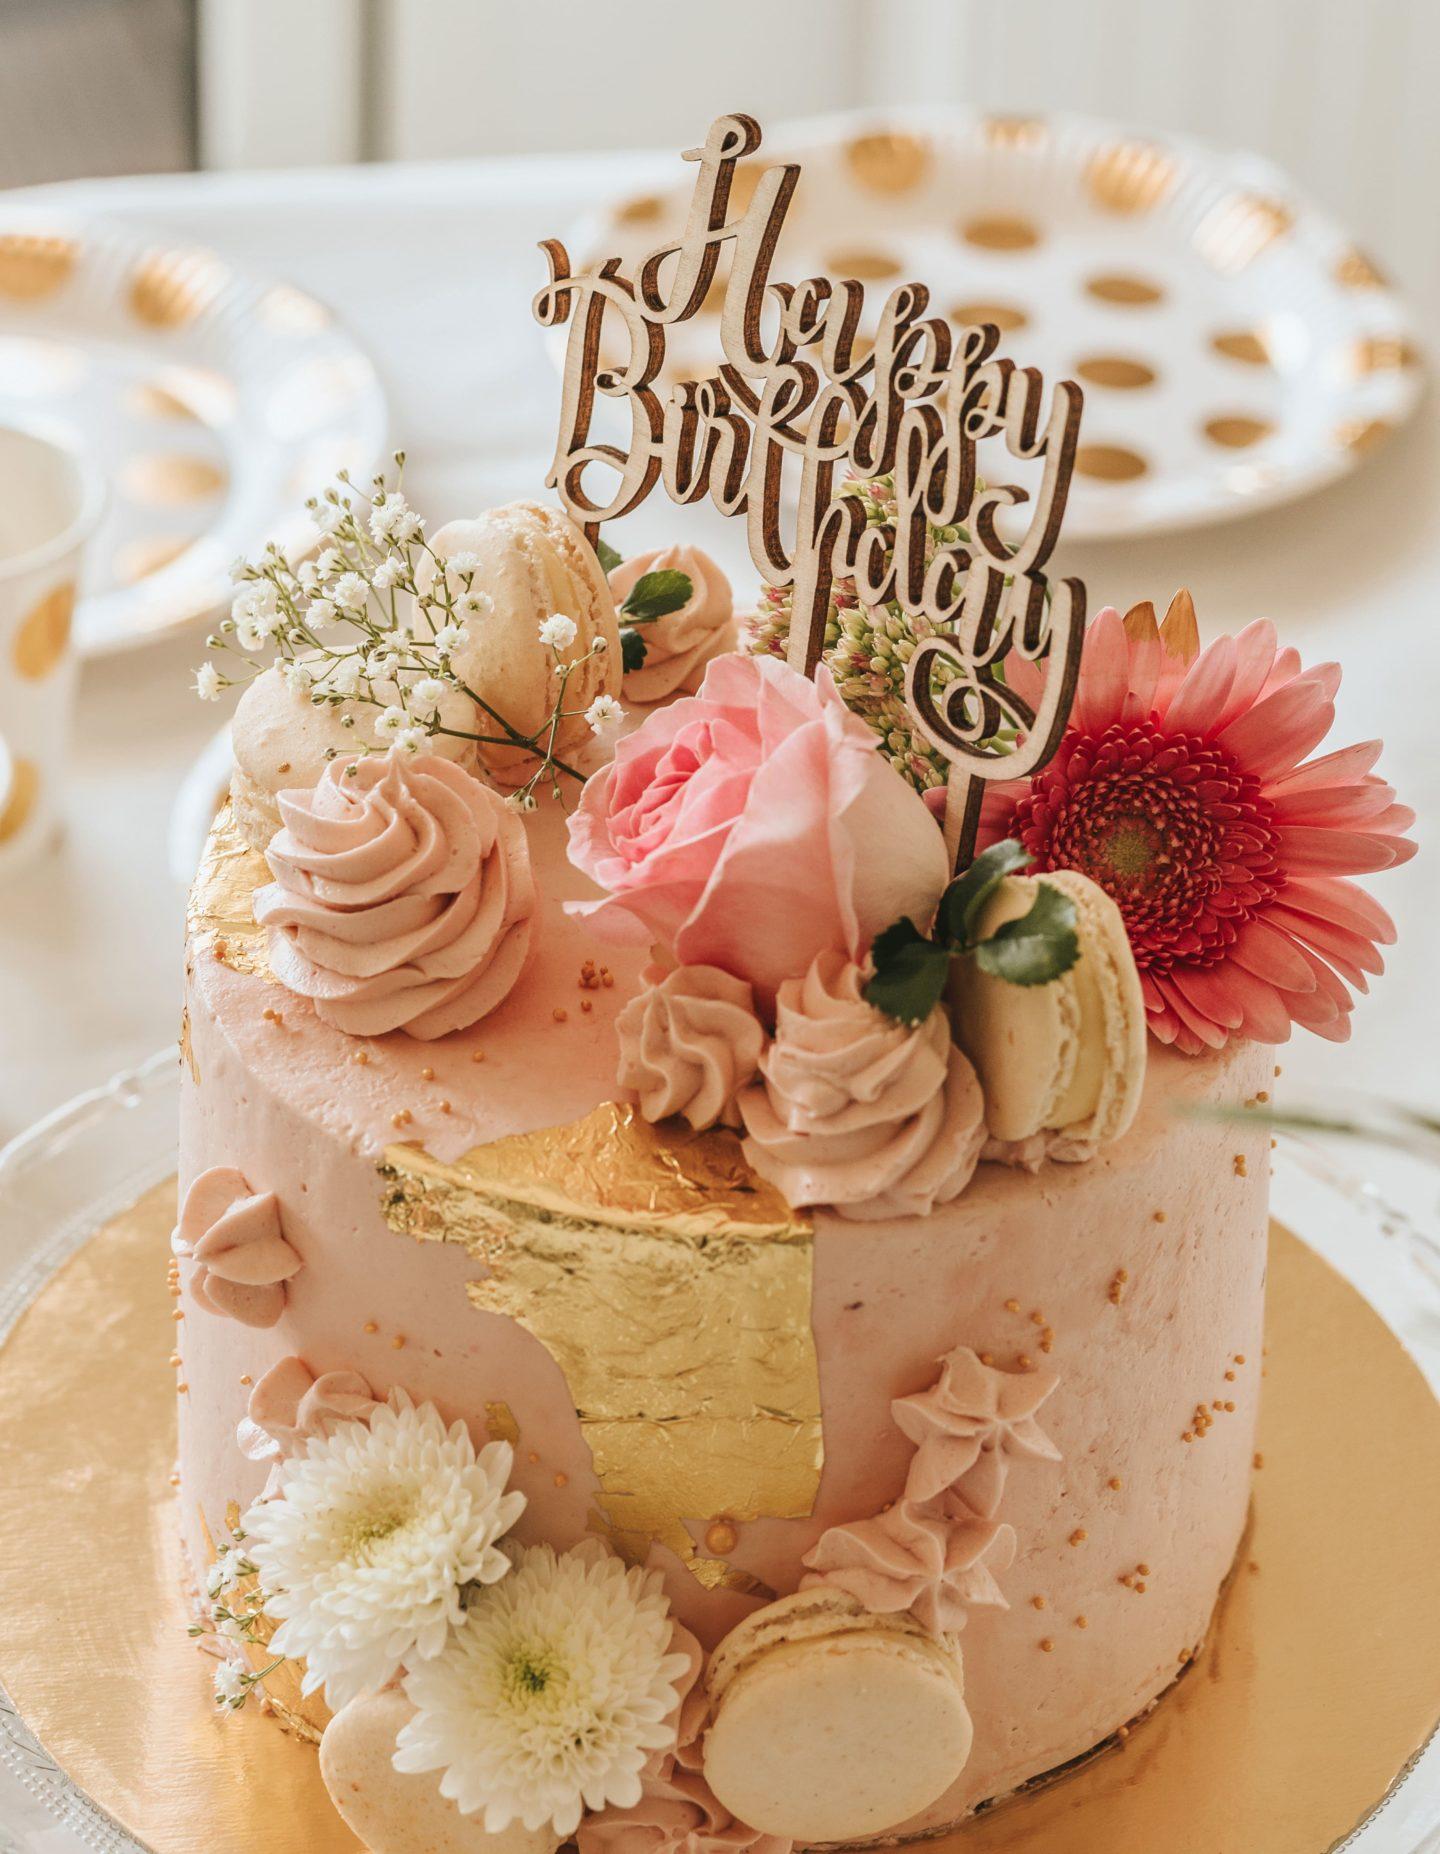 décoration, assiette Hema, pois dorés, gâteau, Happy Birthday, joyeux anniversaire, fleurs.